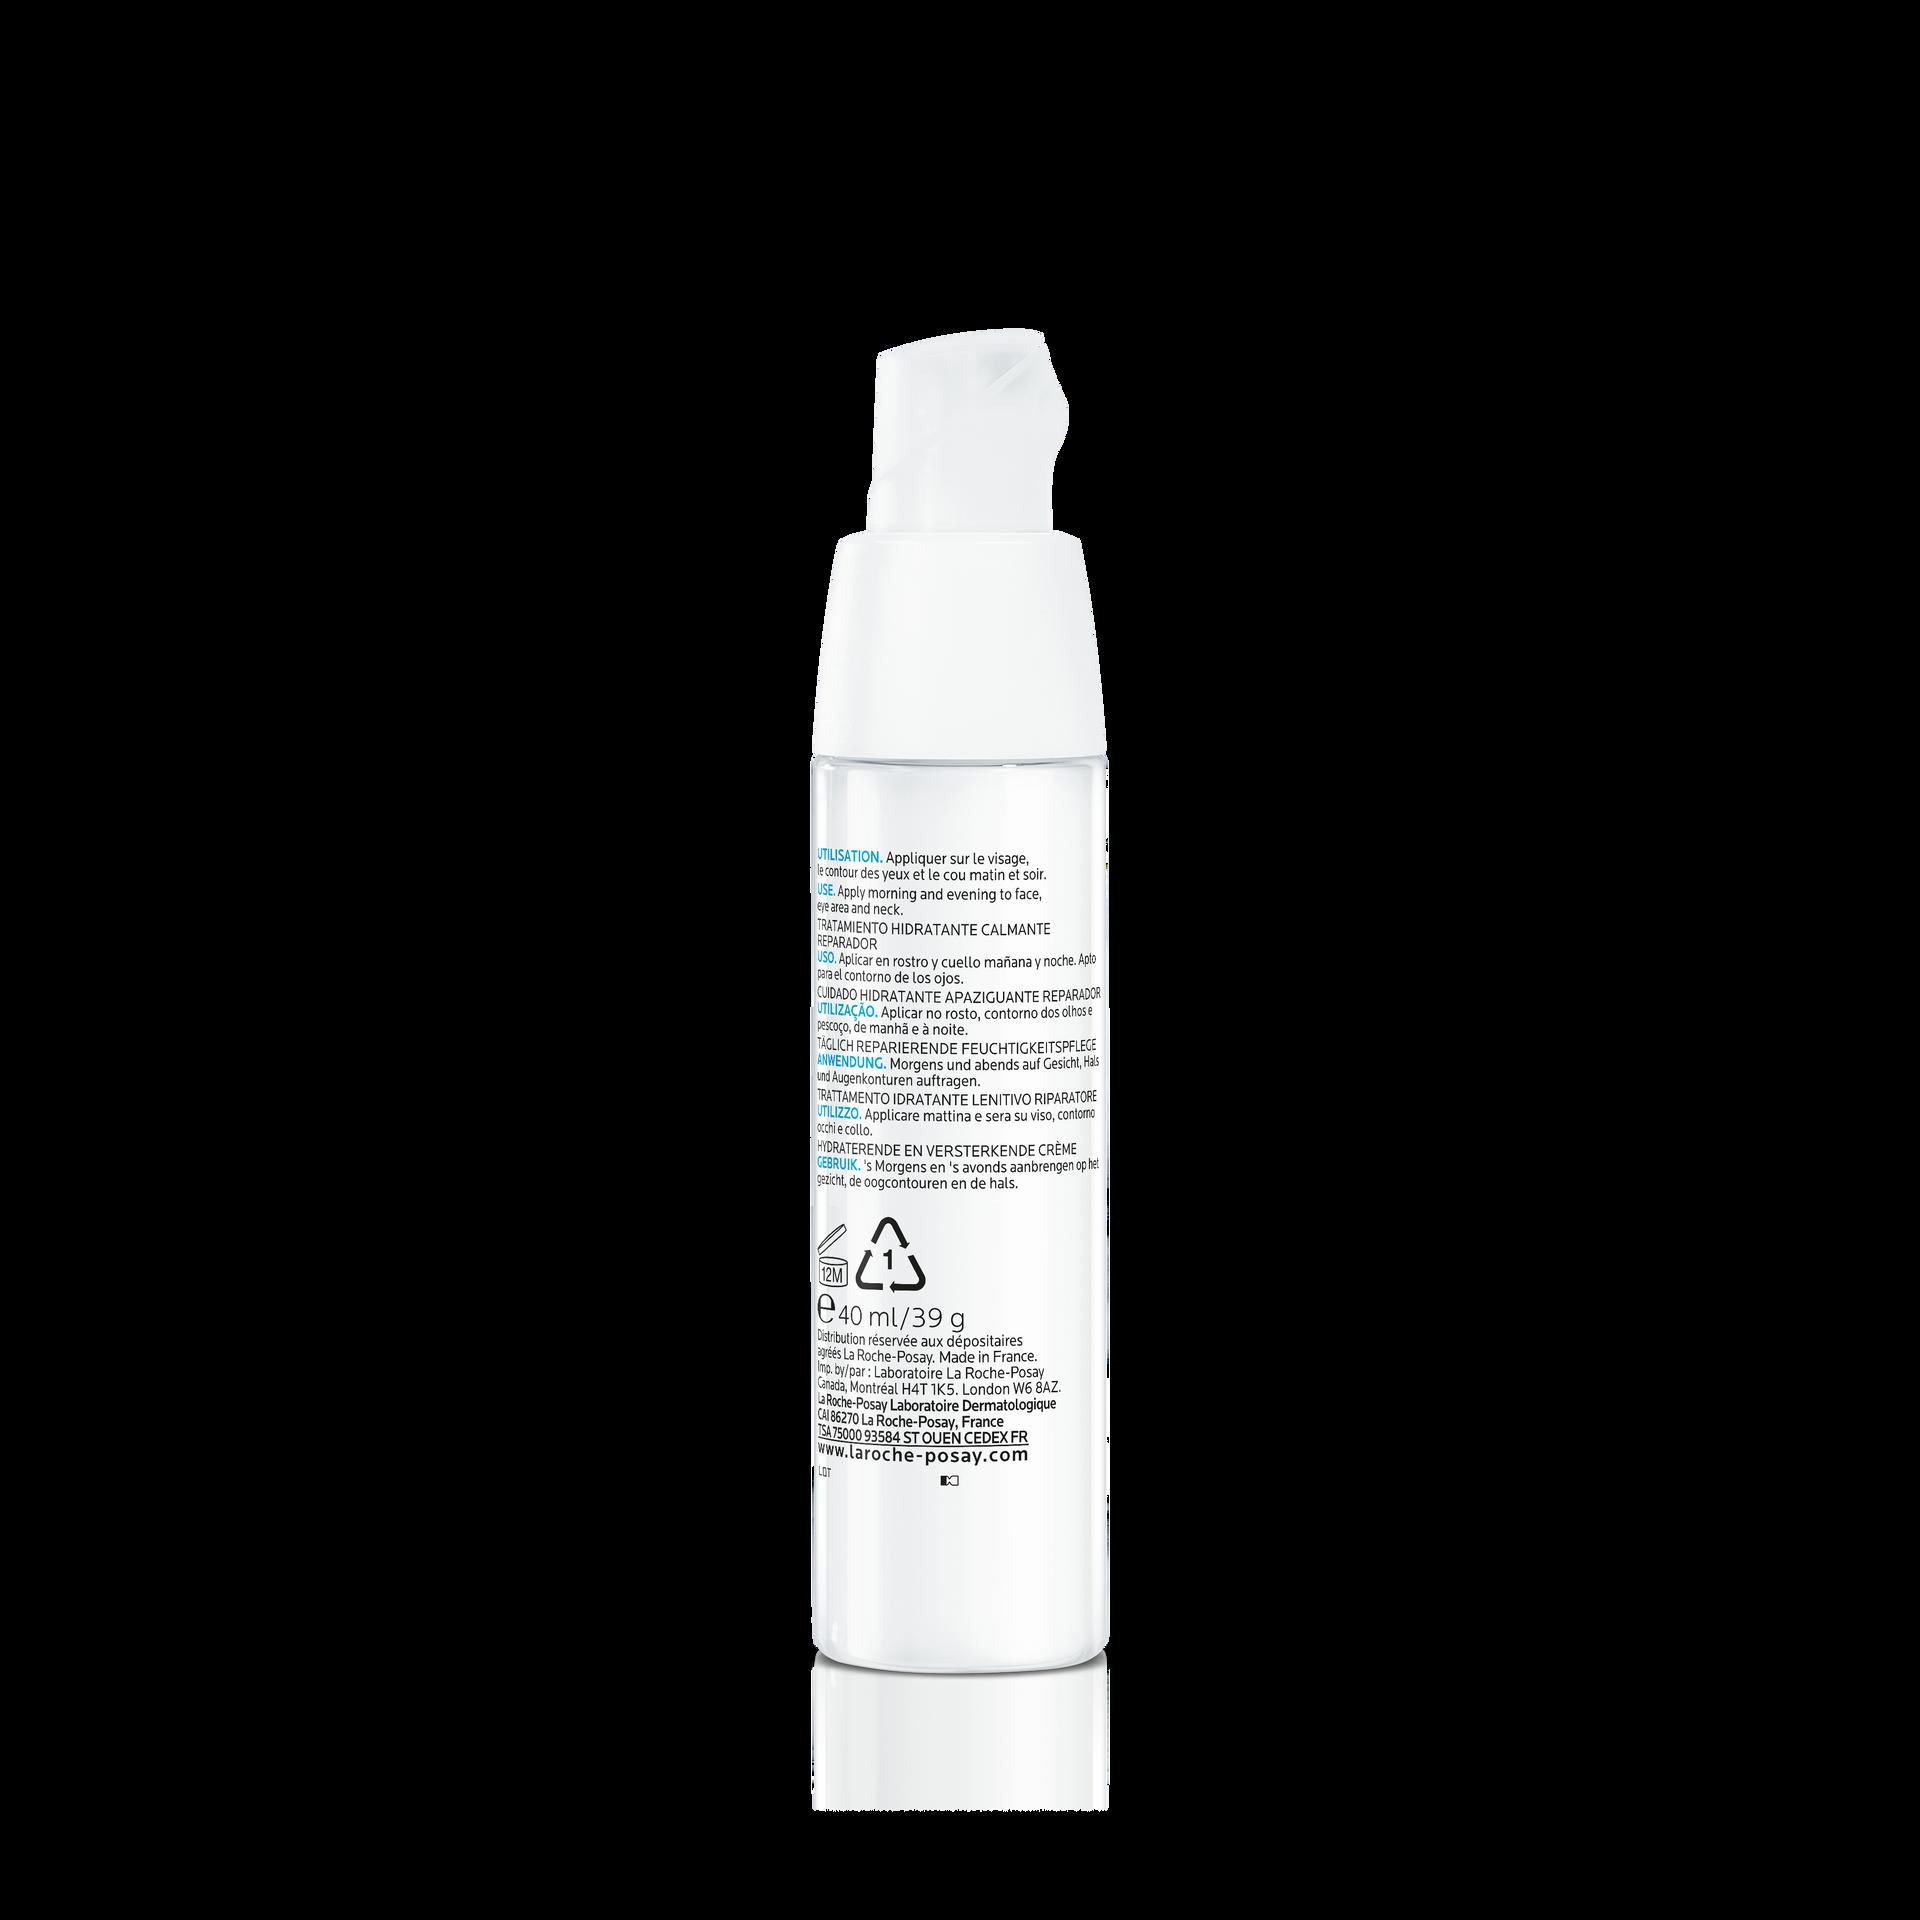 La Roche Posay ProductPage Sensitive Allergic Toleriane Dermallergo Cream 40ml 333